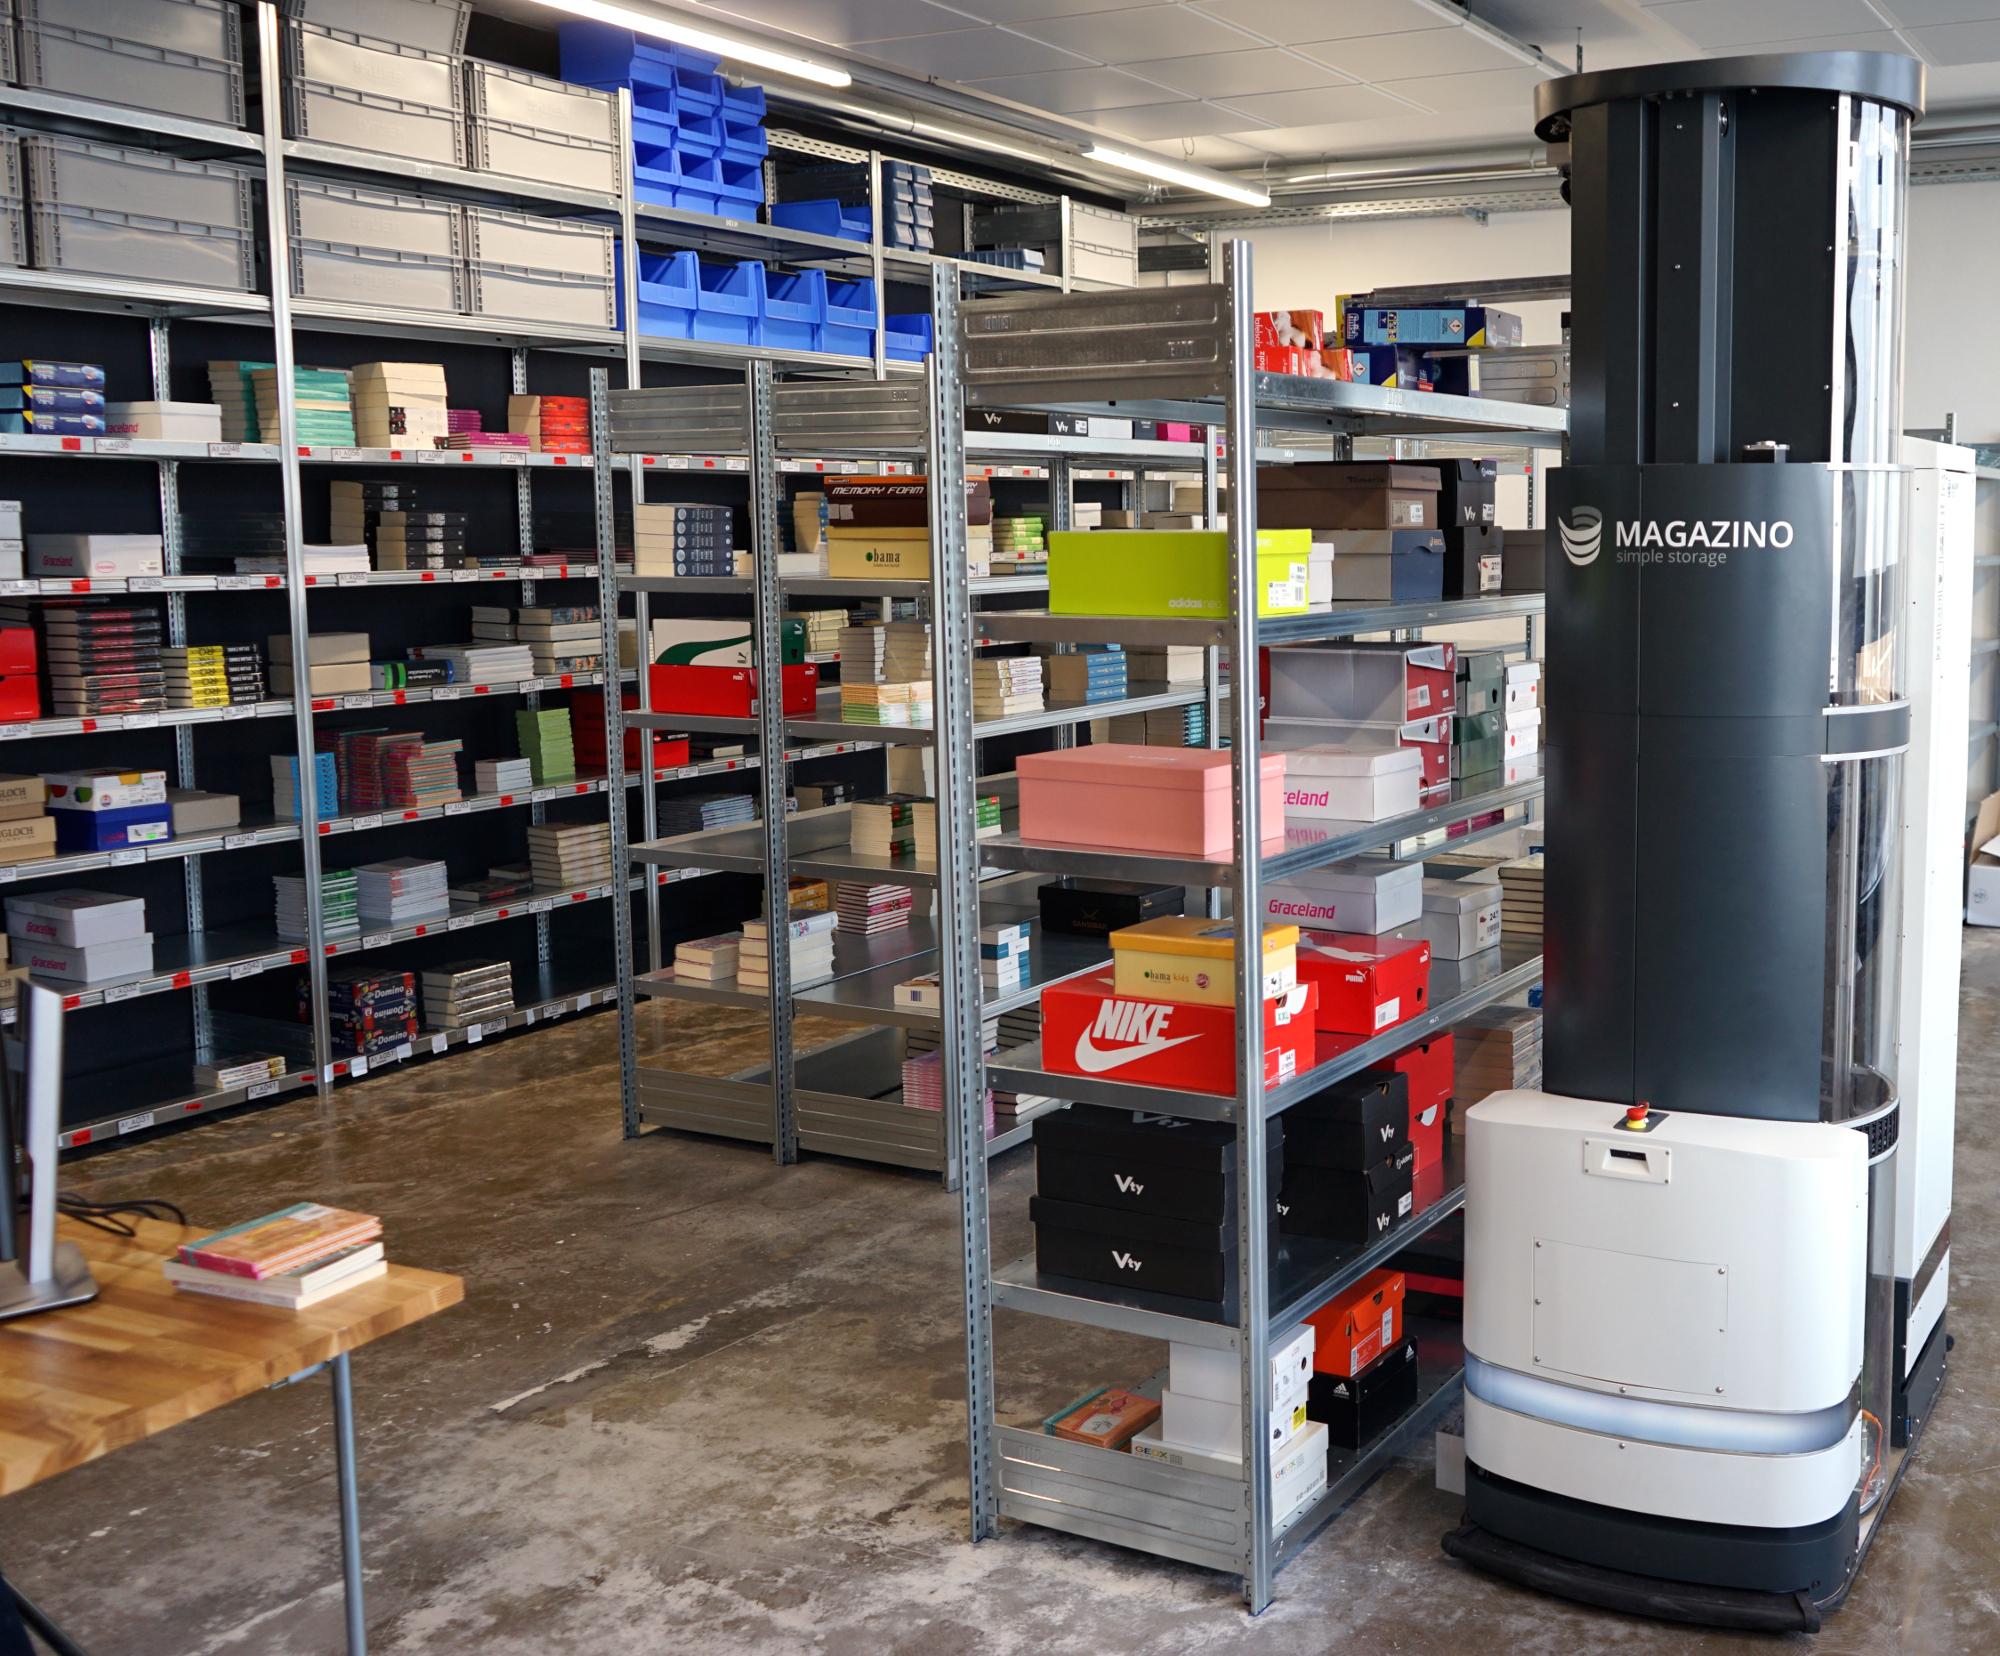 prekybos robotais su patarėjais užsidirbti pinigų tokioms galimybėms kaip